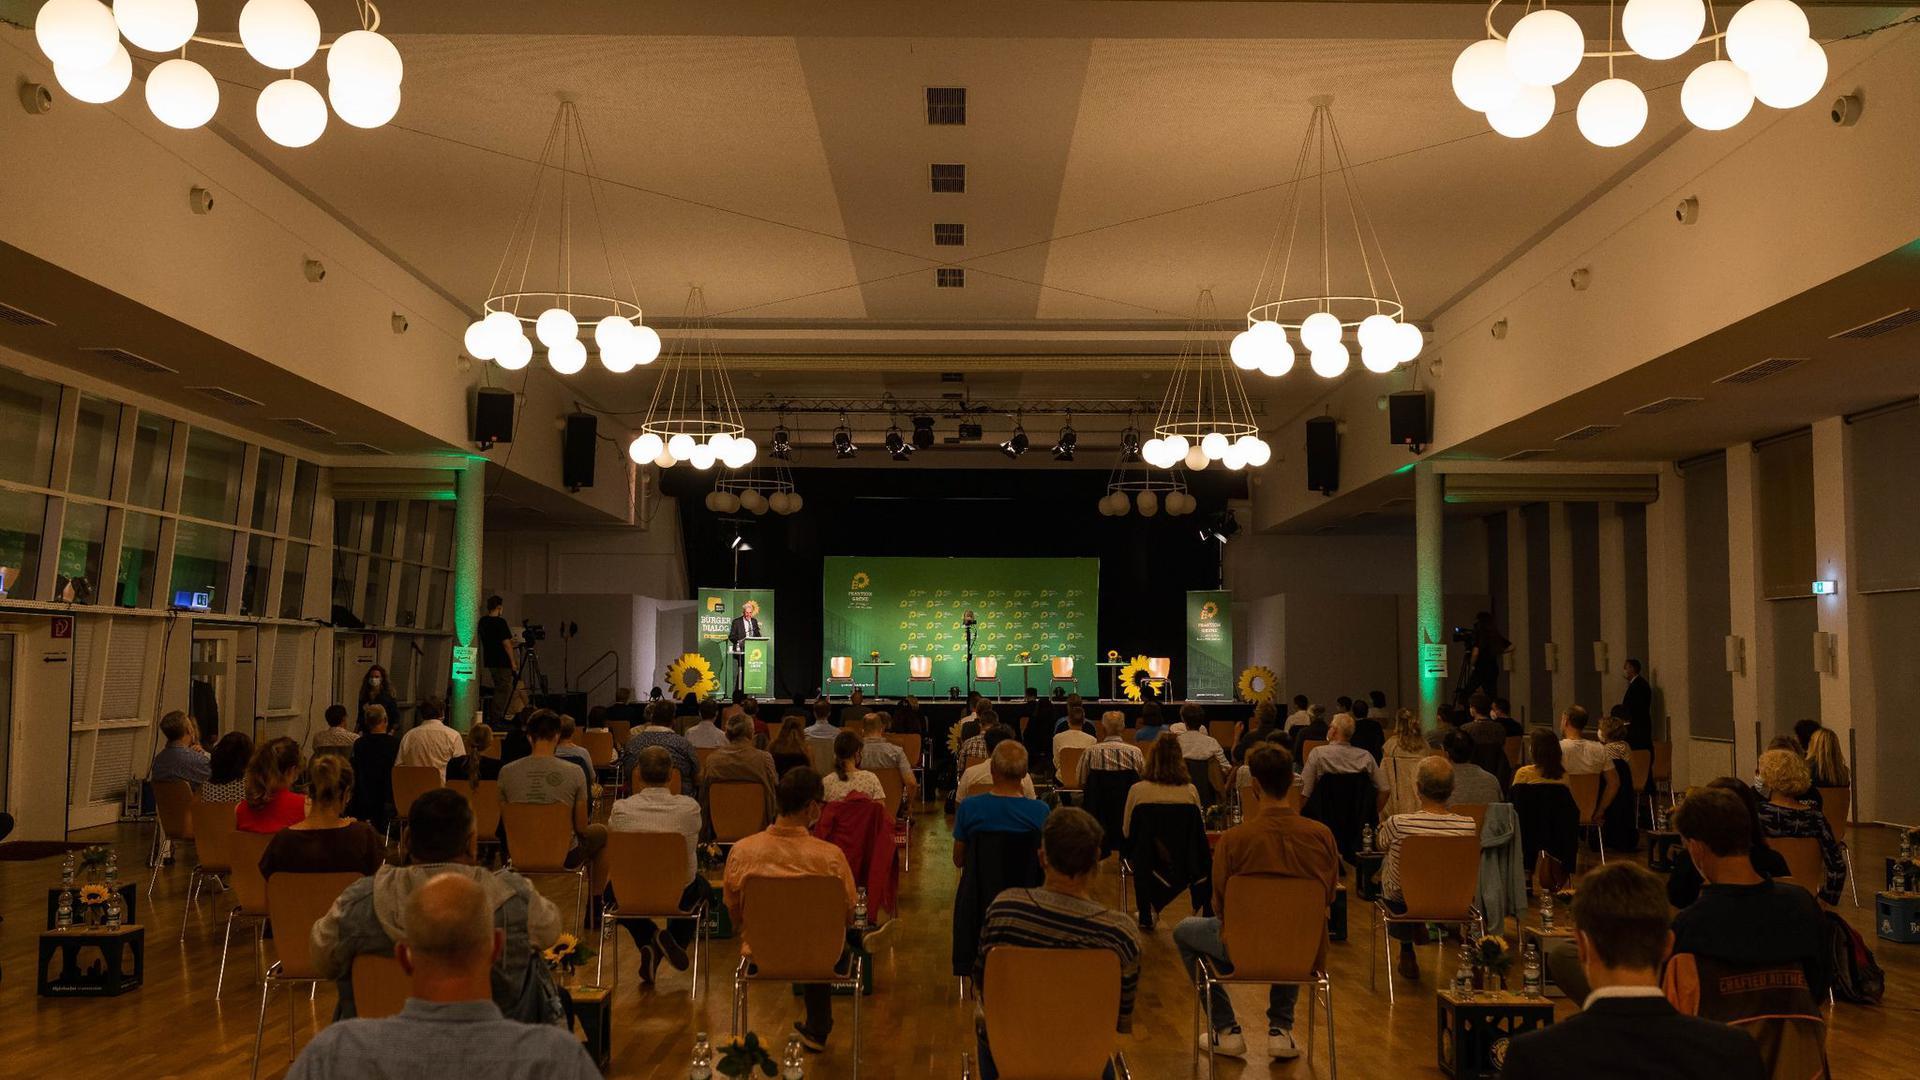 Winfried Kretschmann (Bündnis 90/Die Grünen), Ministerpräsident von Baden-Württemberg, steht auf einer Bühne und spricht während dem sogenannten Bürgerdialog seiner Fraktion zu den Anwesenden.